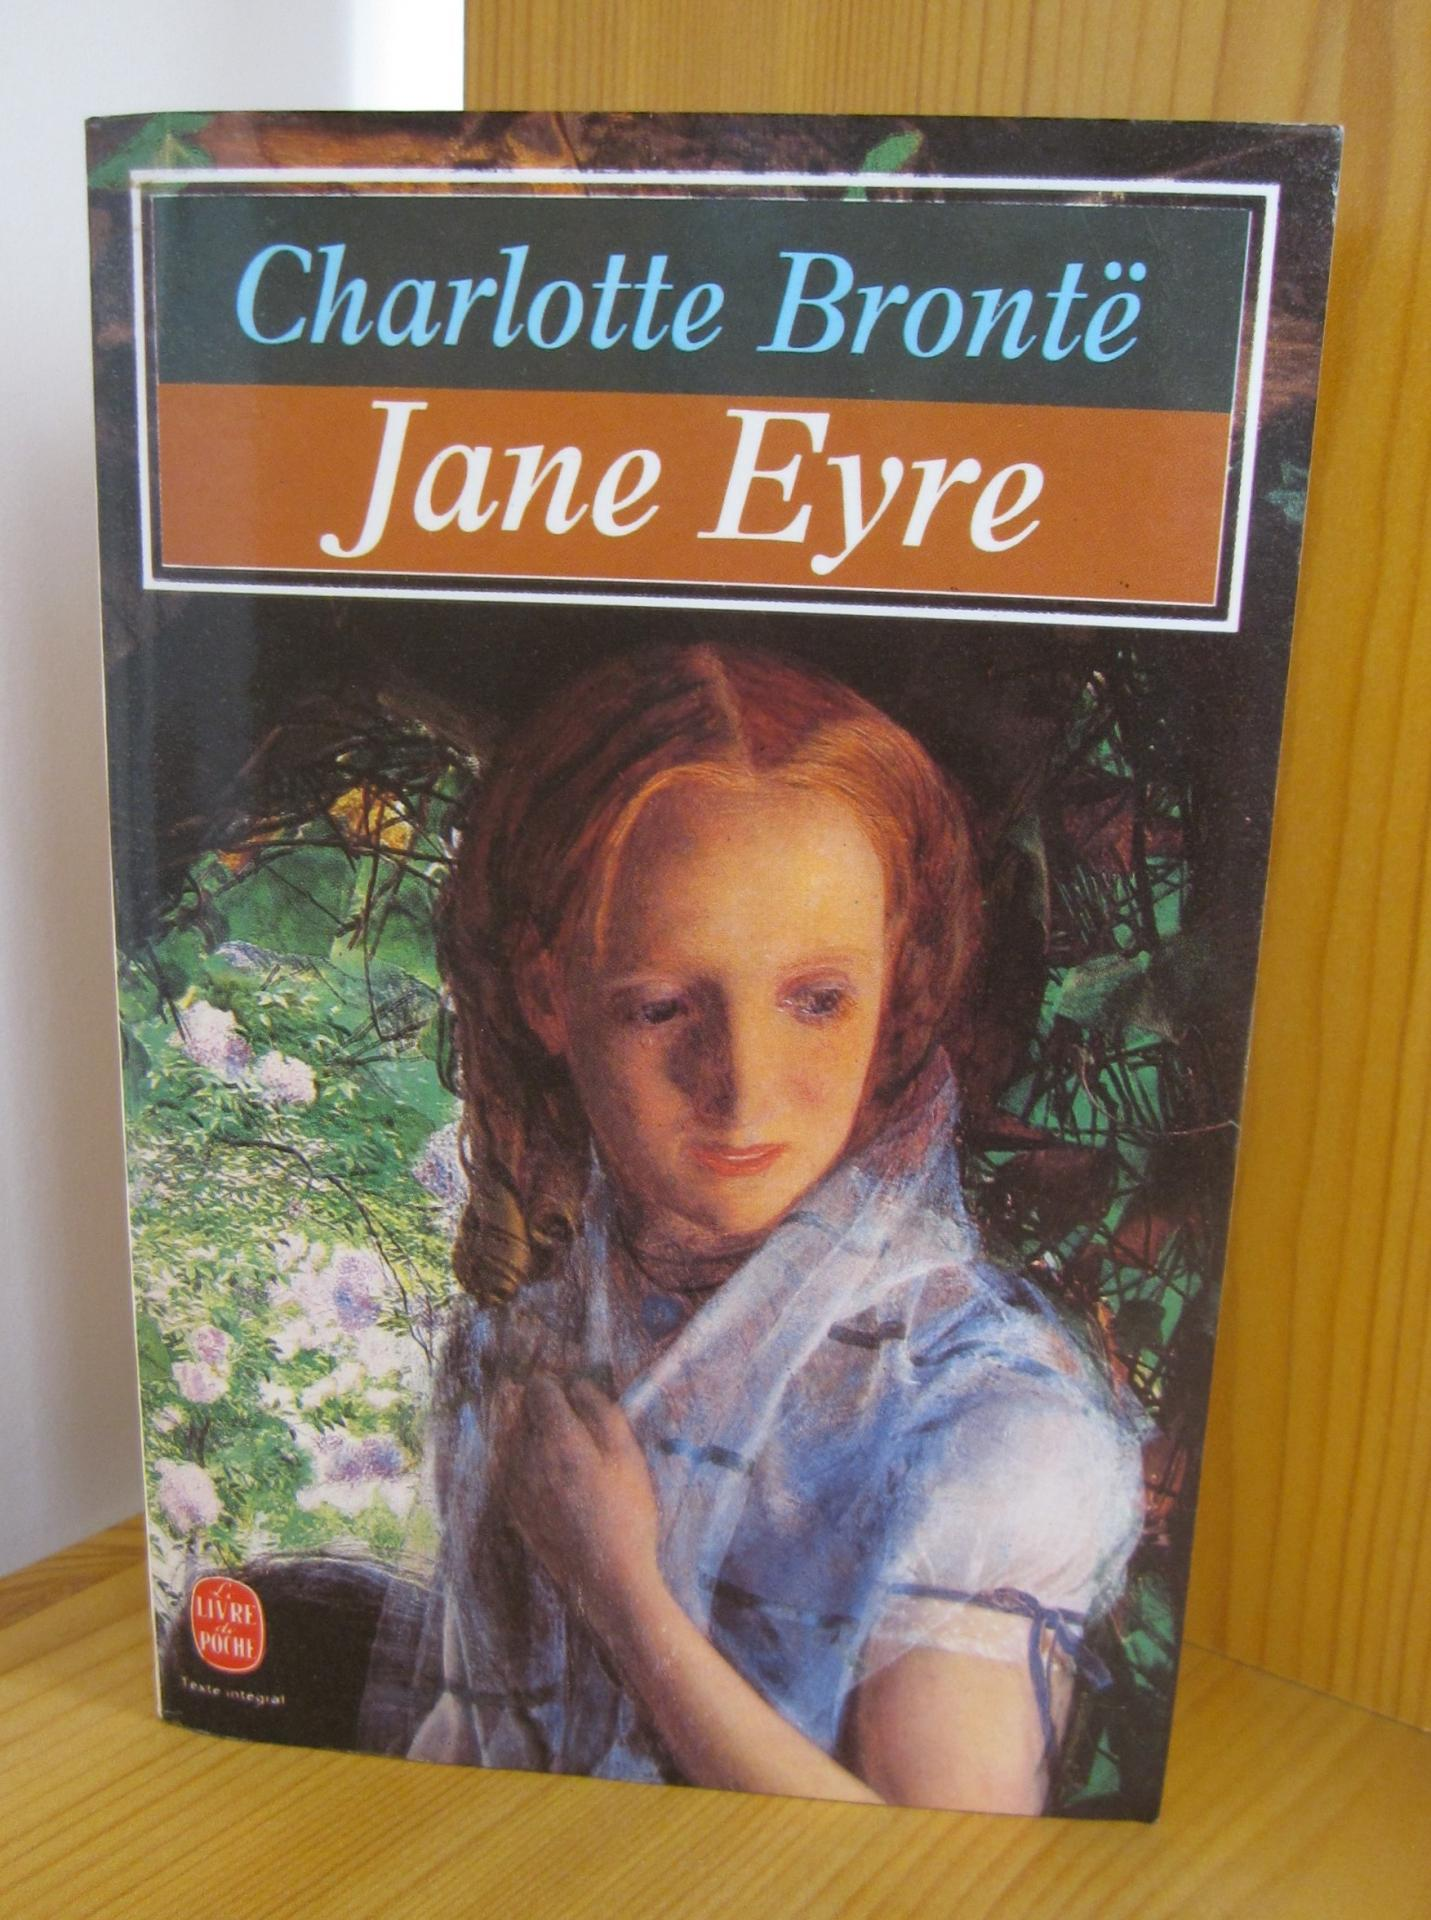 Le roman d'amour Jane Eyre, de Charlotte Brontë, un classique à redécouvrir